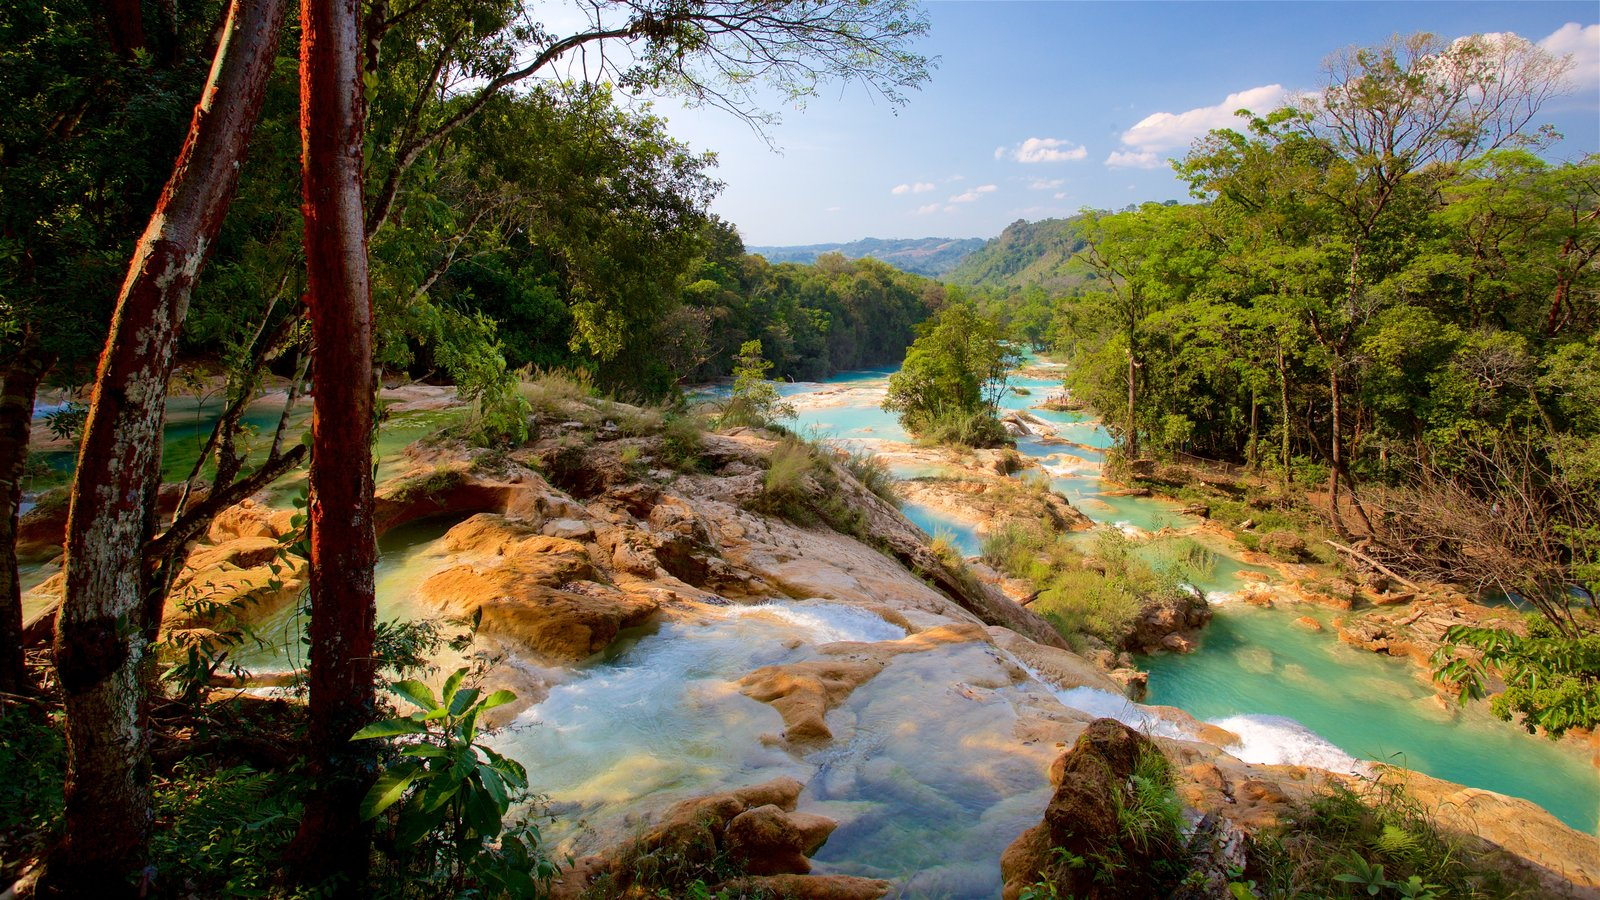 Cascadas de Agua Azul ofreciendo un río o arroyo, vistas de paisajes y escenas tranquilas